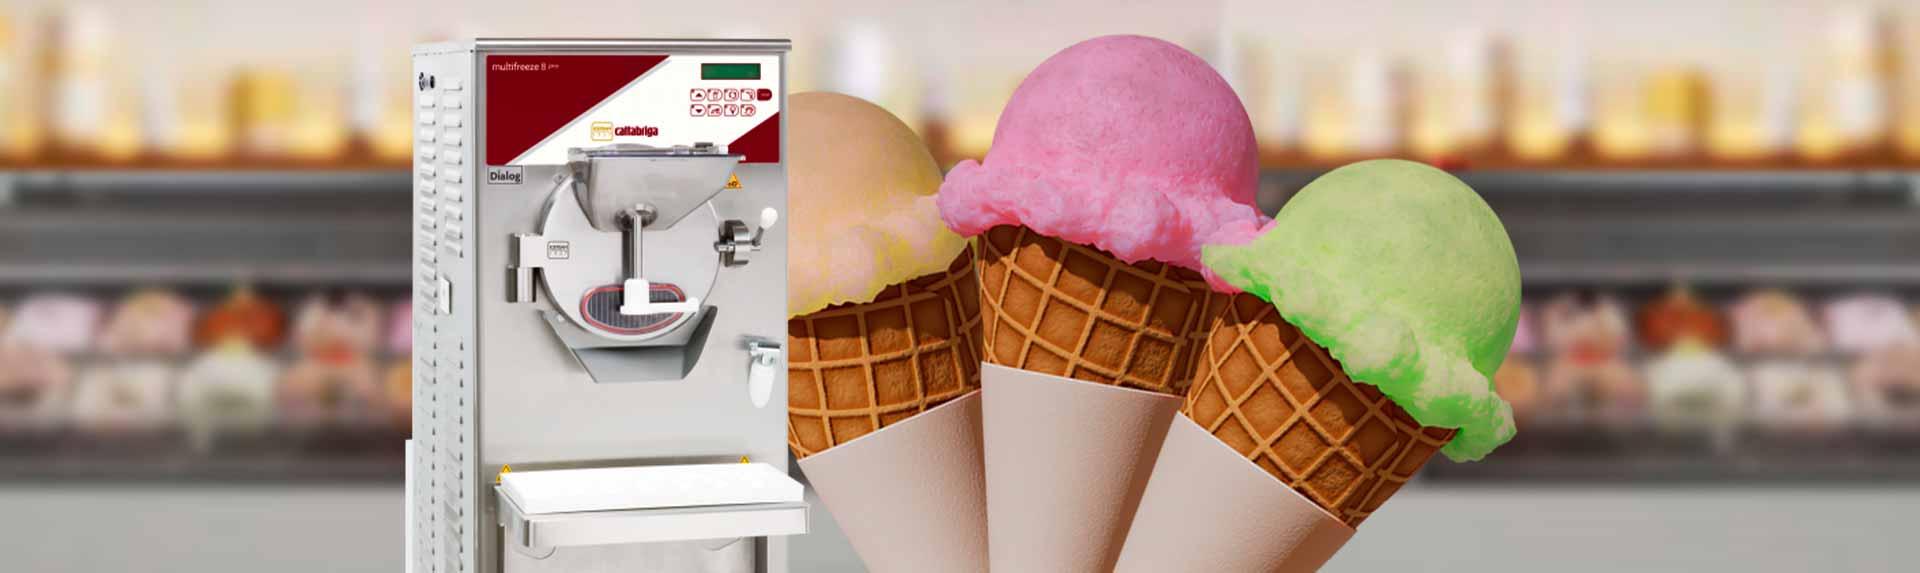 Portada de artículo Máquinas de helado duro o gelato: ¿Cómo elegir la idónea?